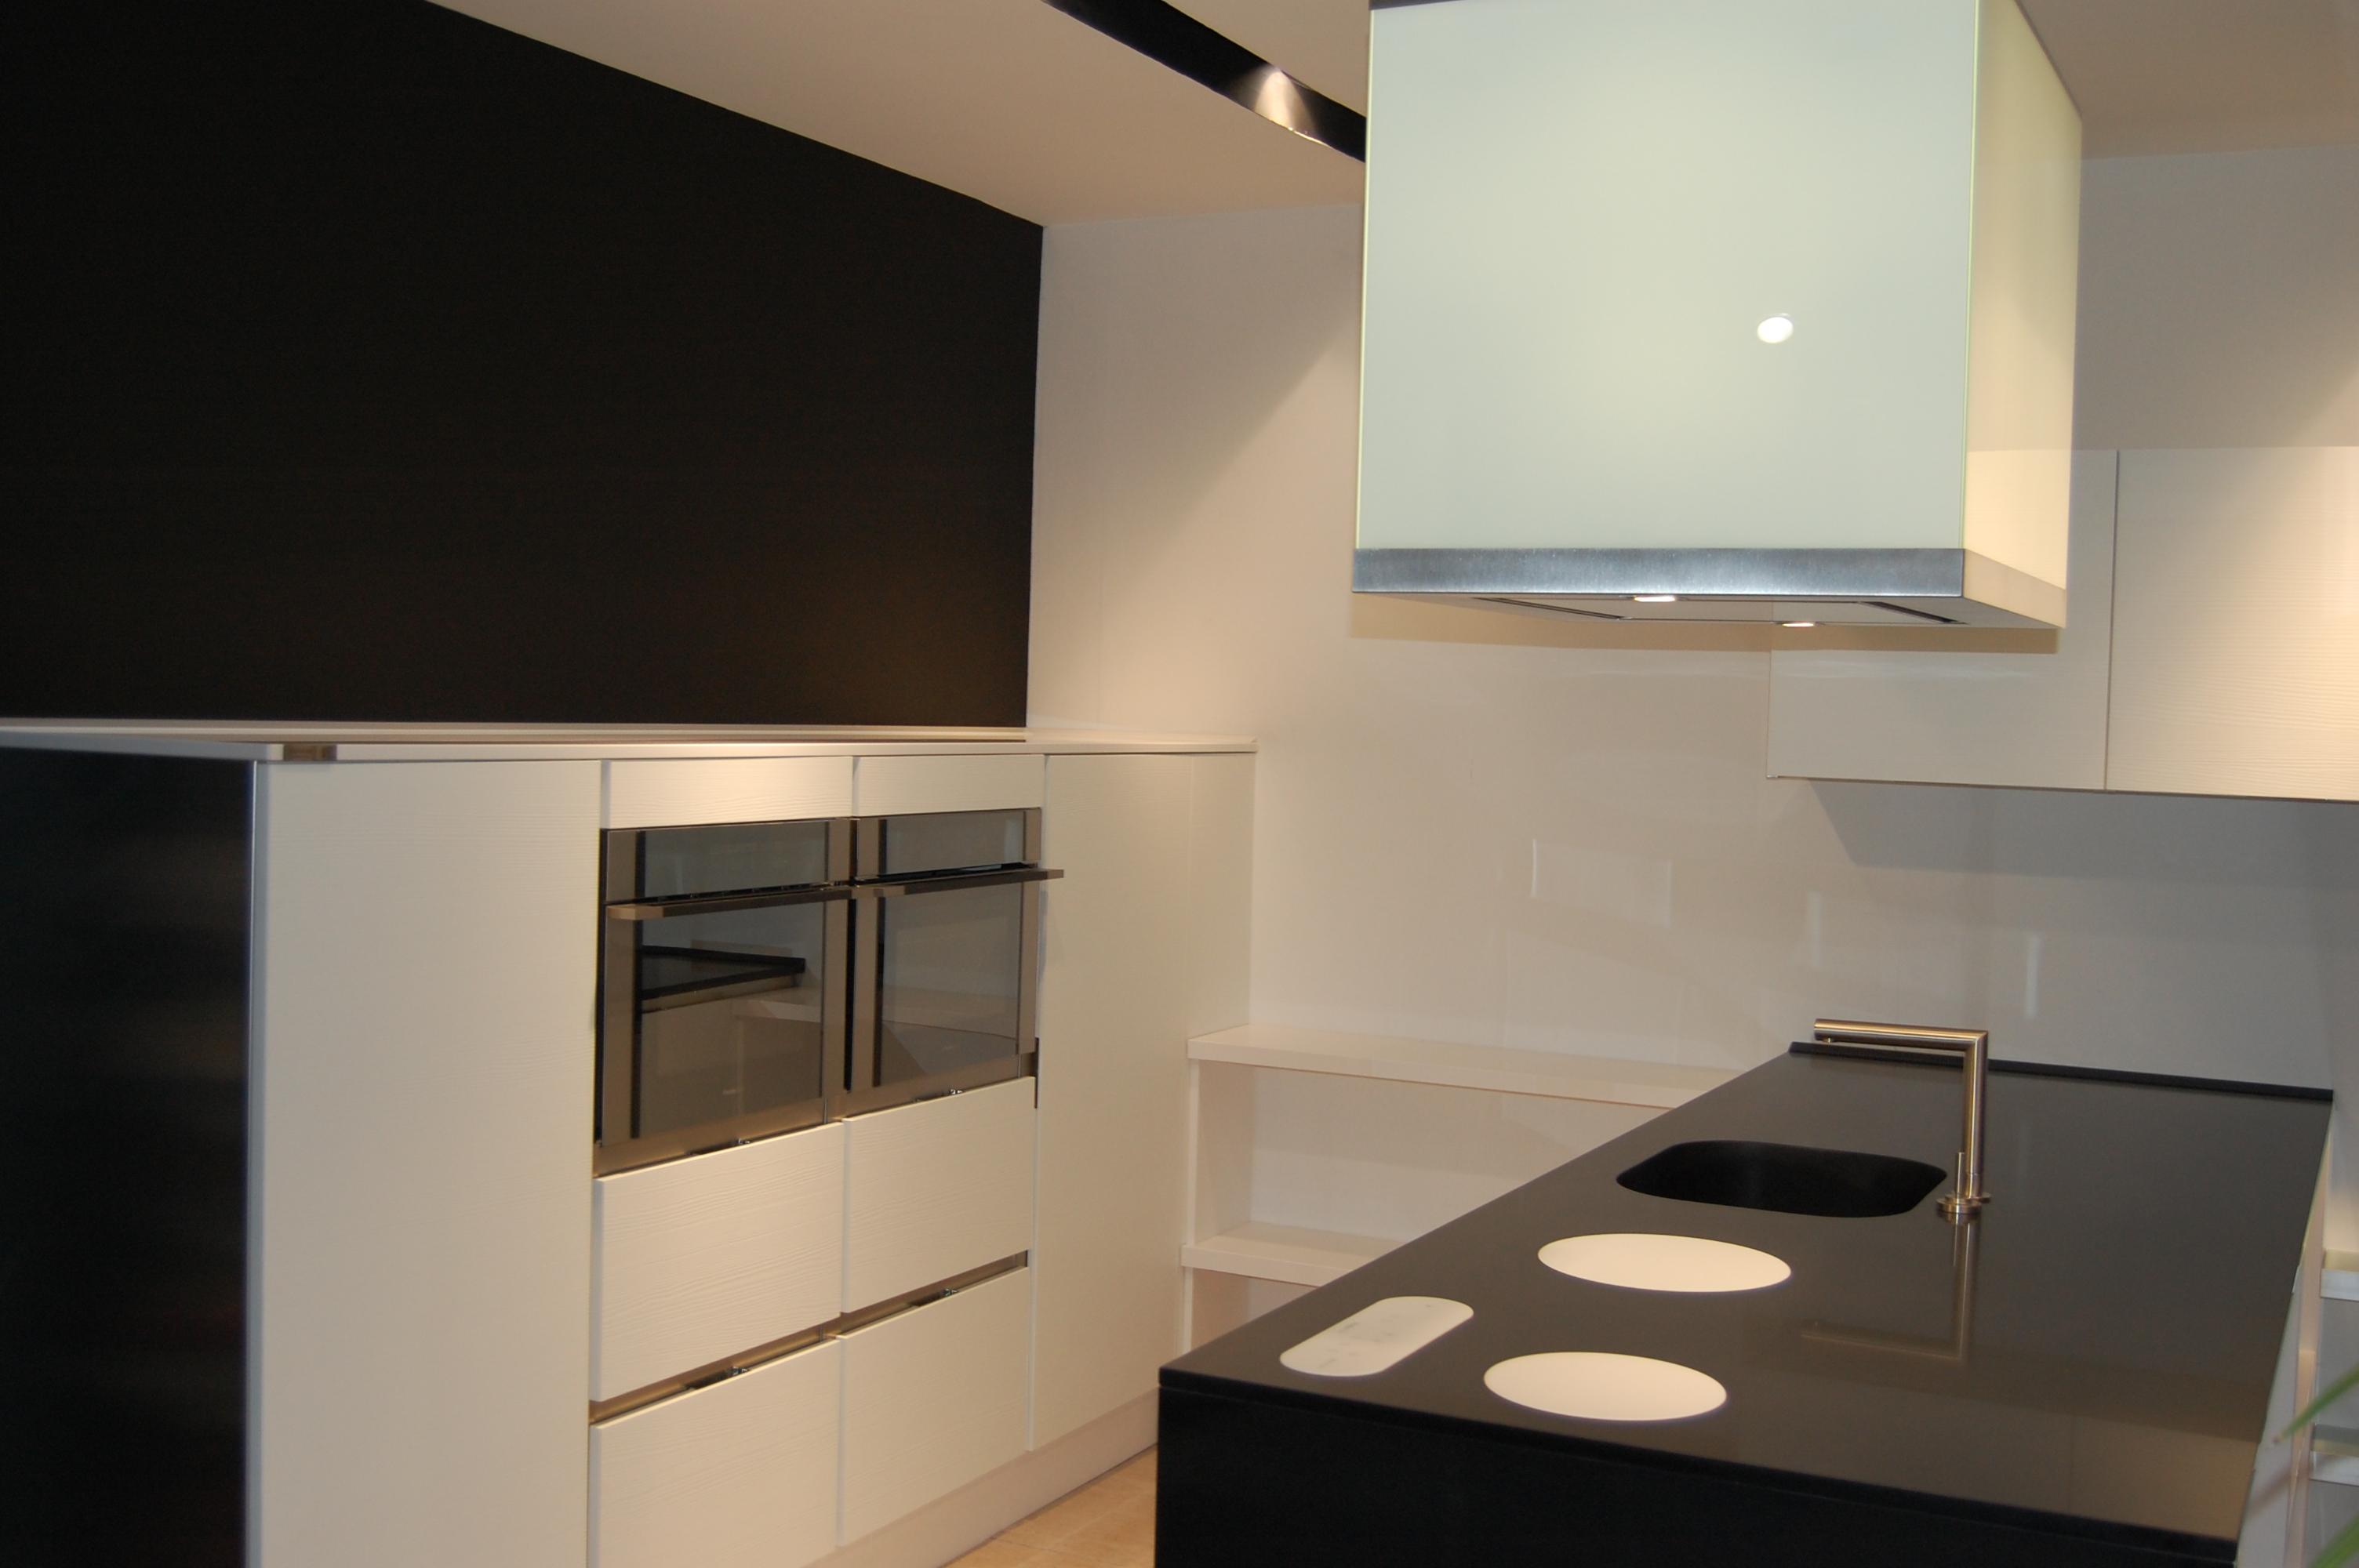 Cocinas modernas cad z sanl car de barrameda for Muebles de caoba en sanlucar de barrameda